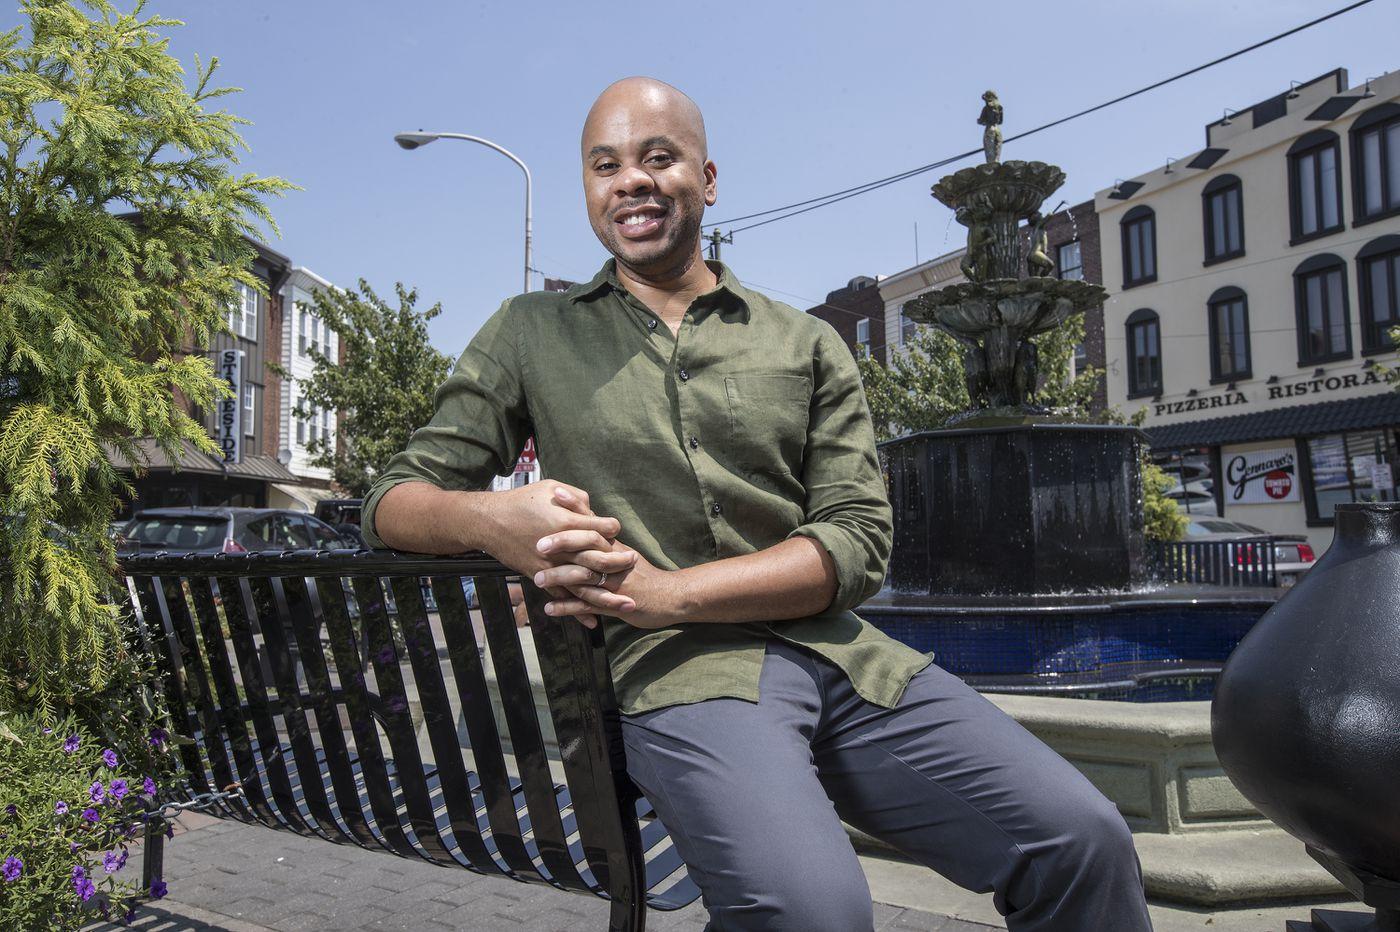 R. Eric Thomas wins prestigious Lanford Wilson Award